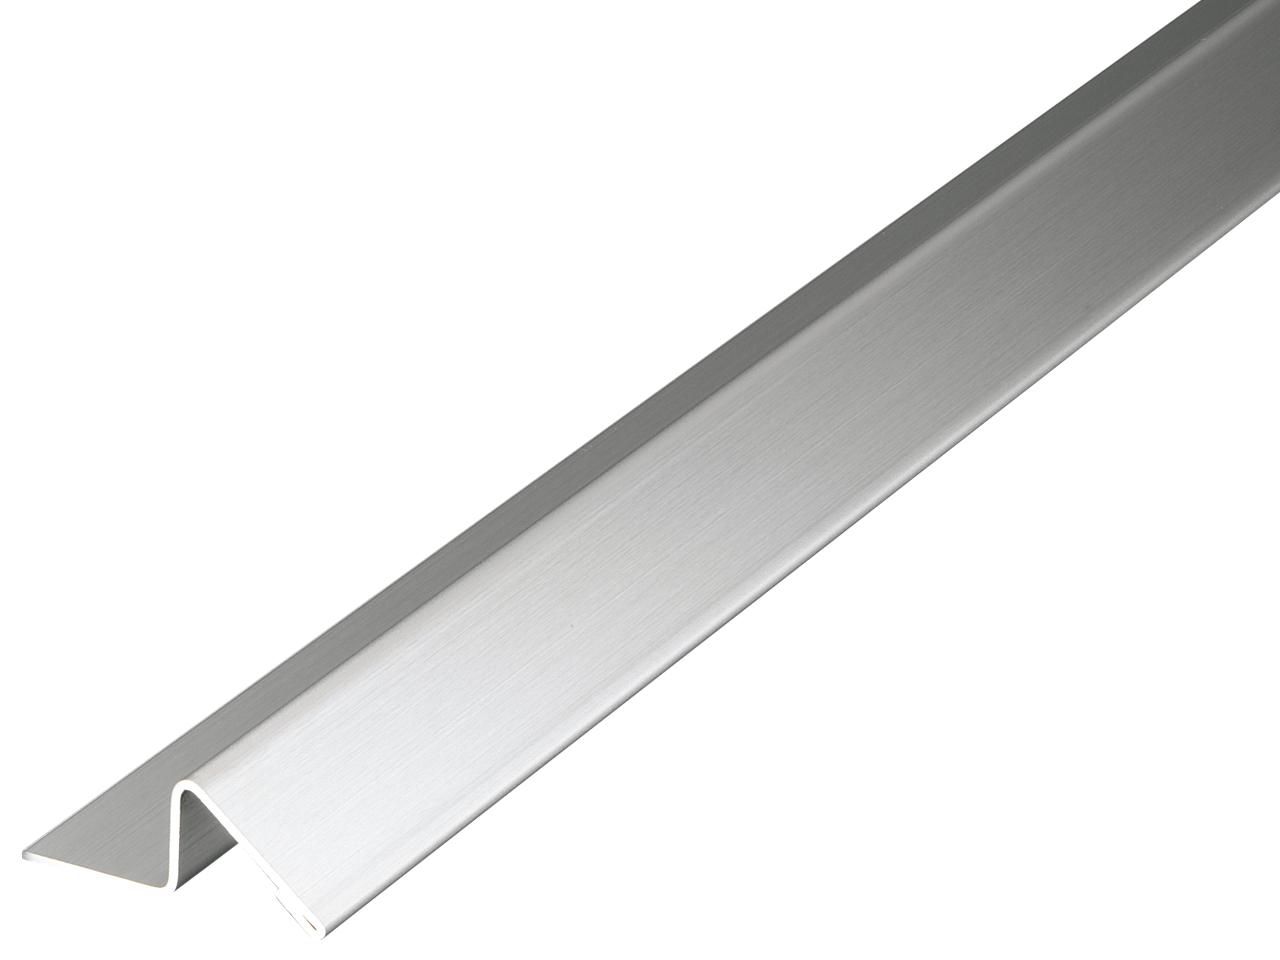 ステンレス製SUS304(18.8cr) ヘアーライン仕上げ NO.20-343  穴明加工済 カーペット目地 2,000mm ステンレス製